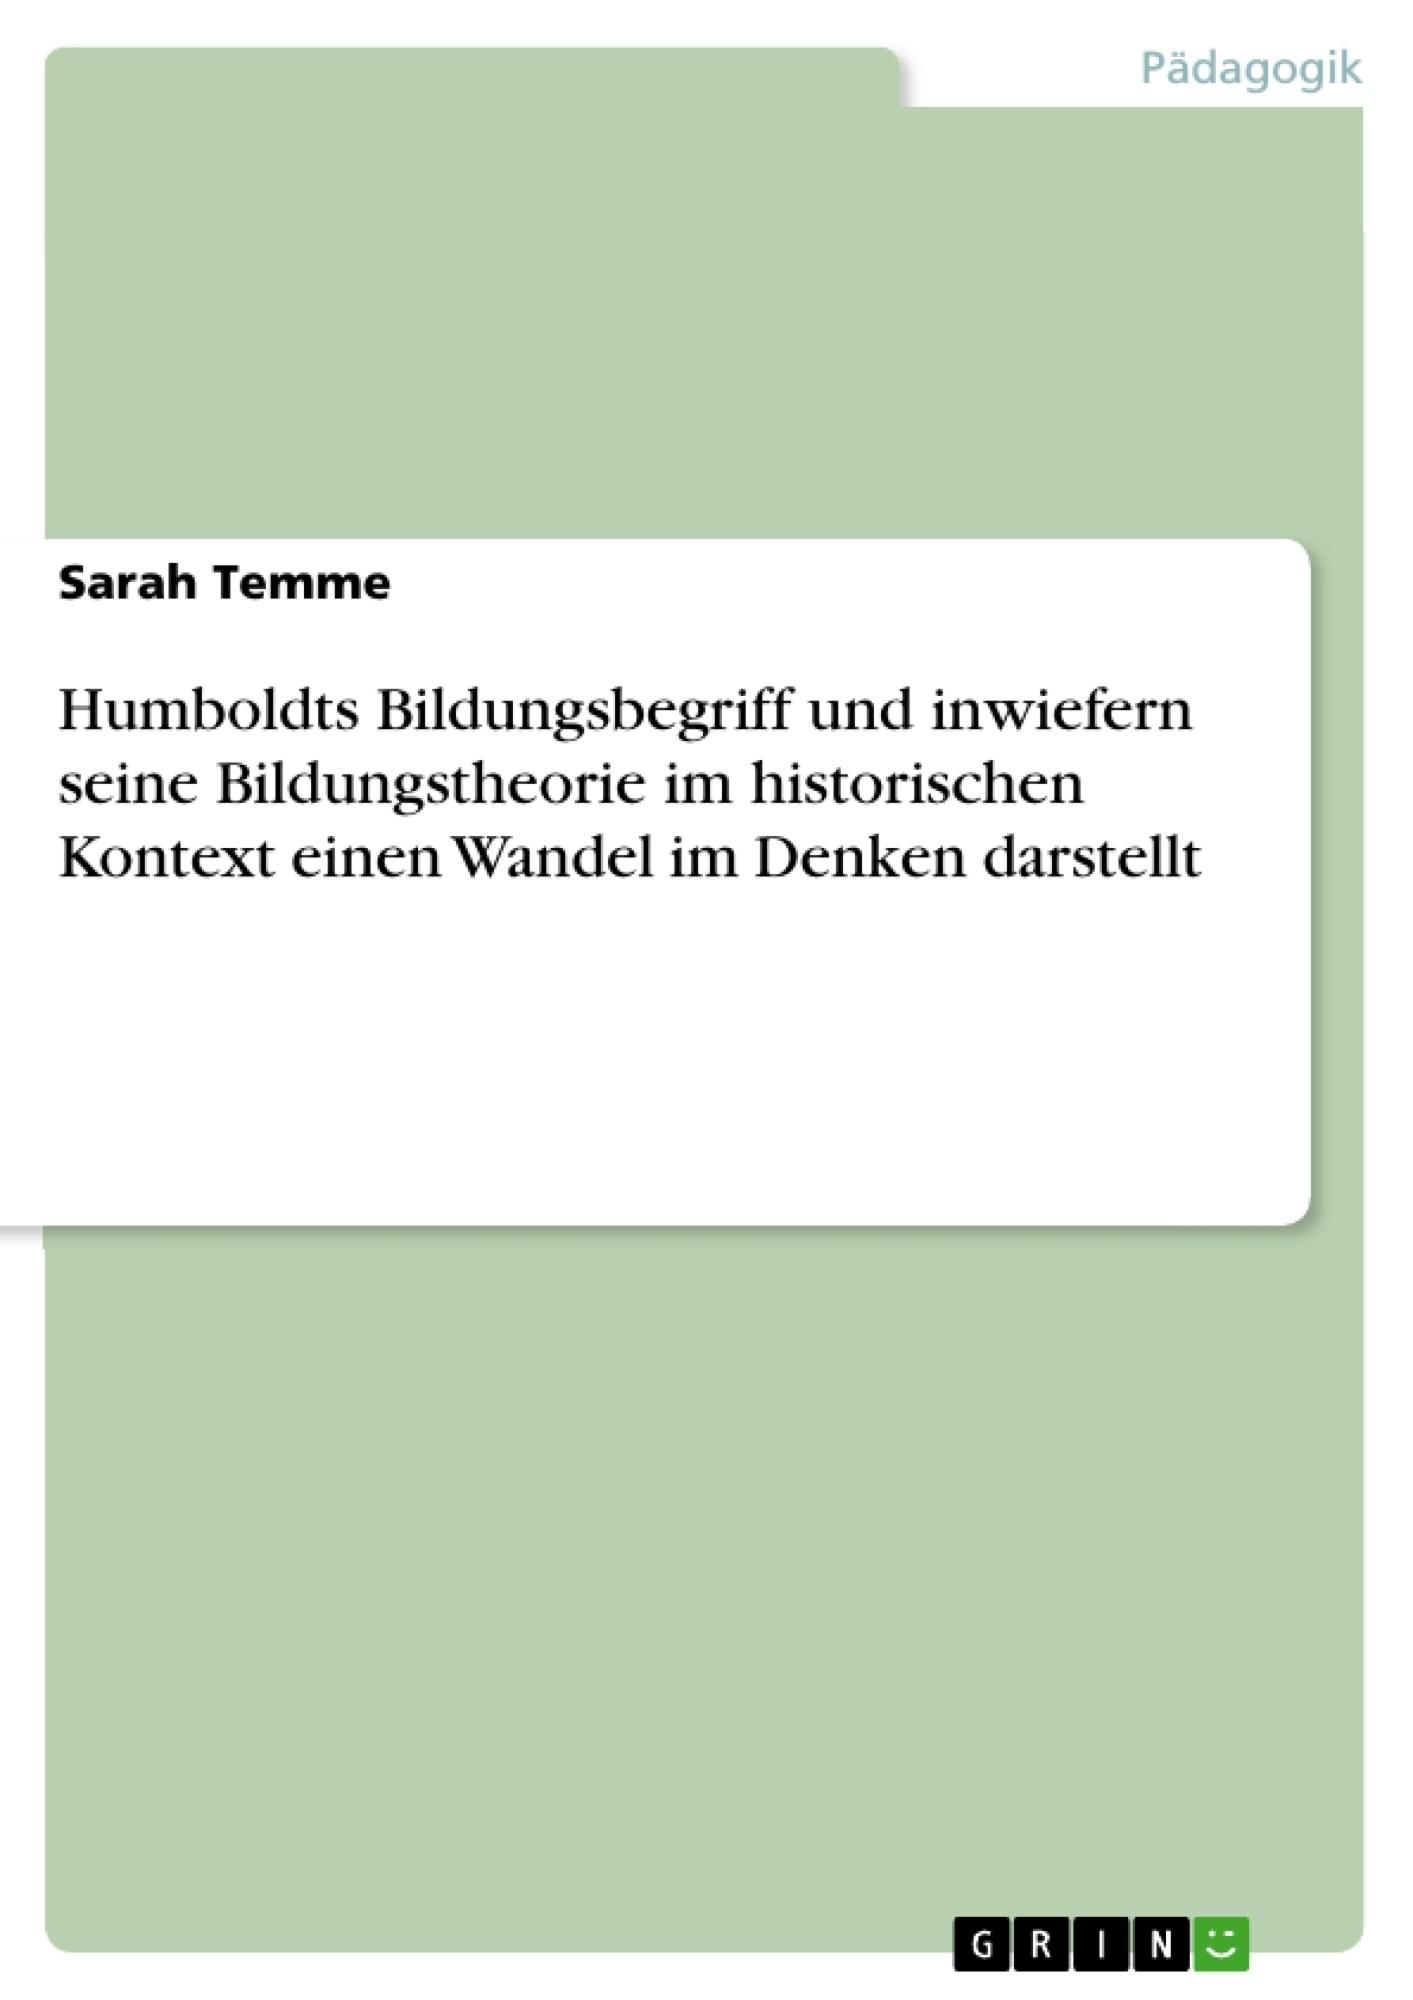 Titel: Humboldts Bildungsbegriff und inwiefern seine Bildungstheorie im historischen Kontext einen Wandel im Denken darstellt